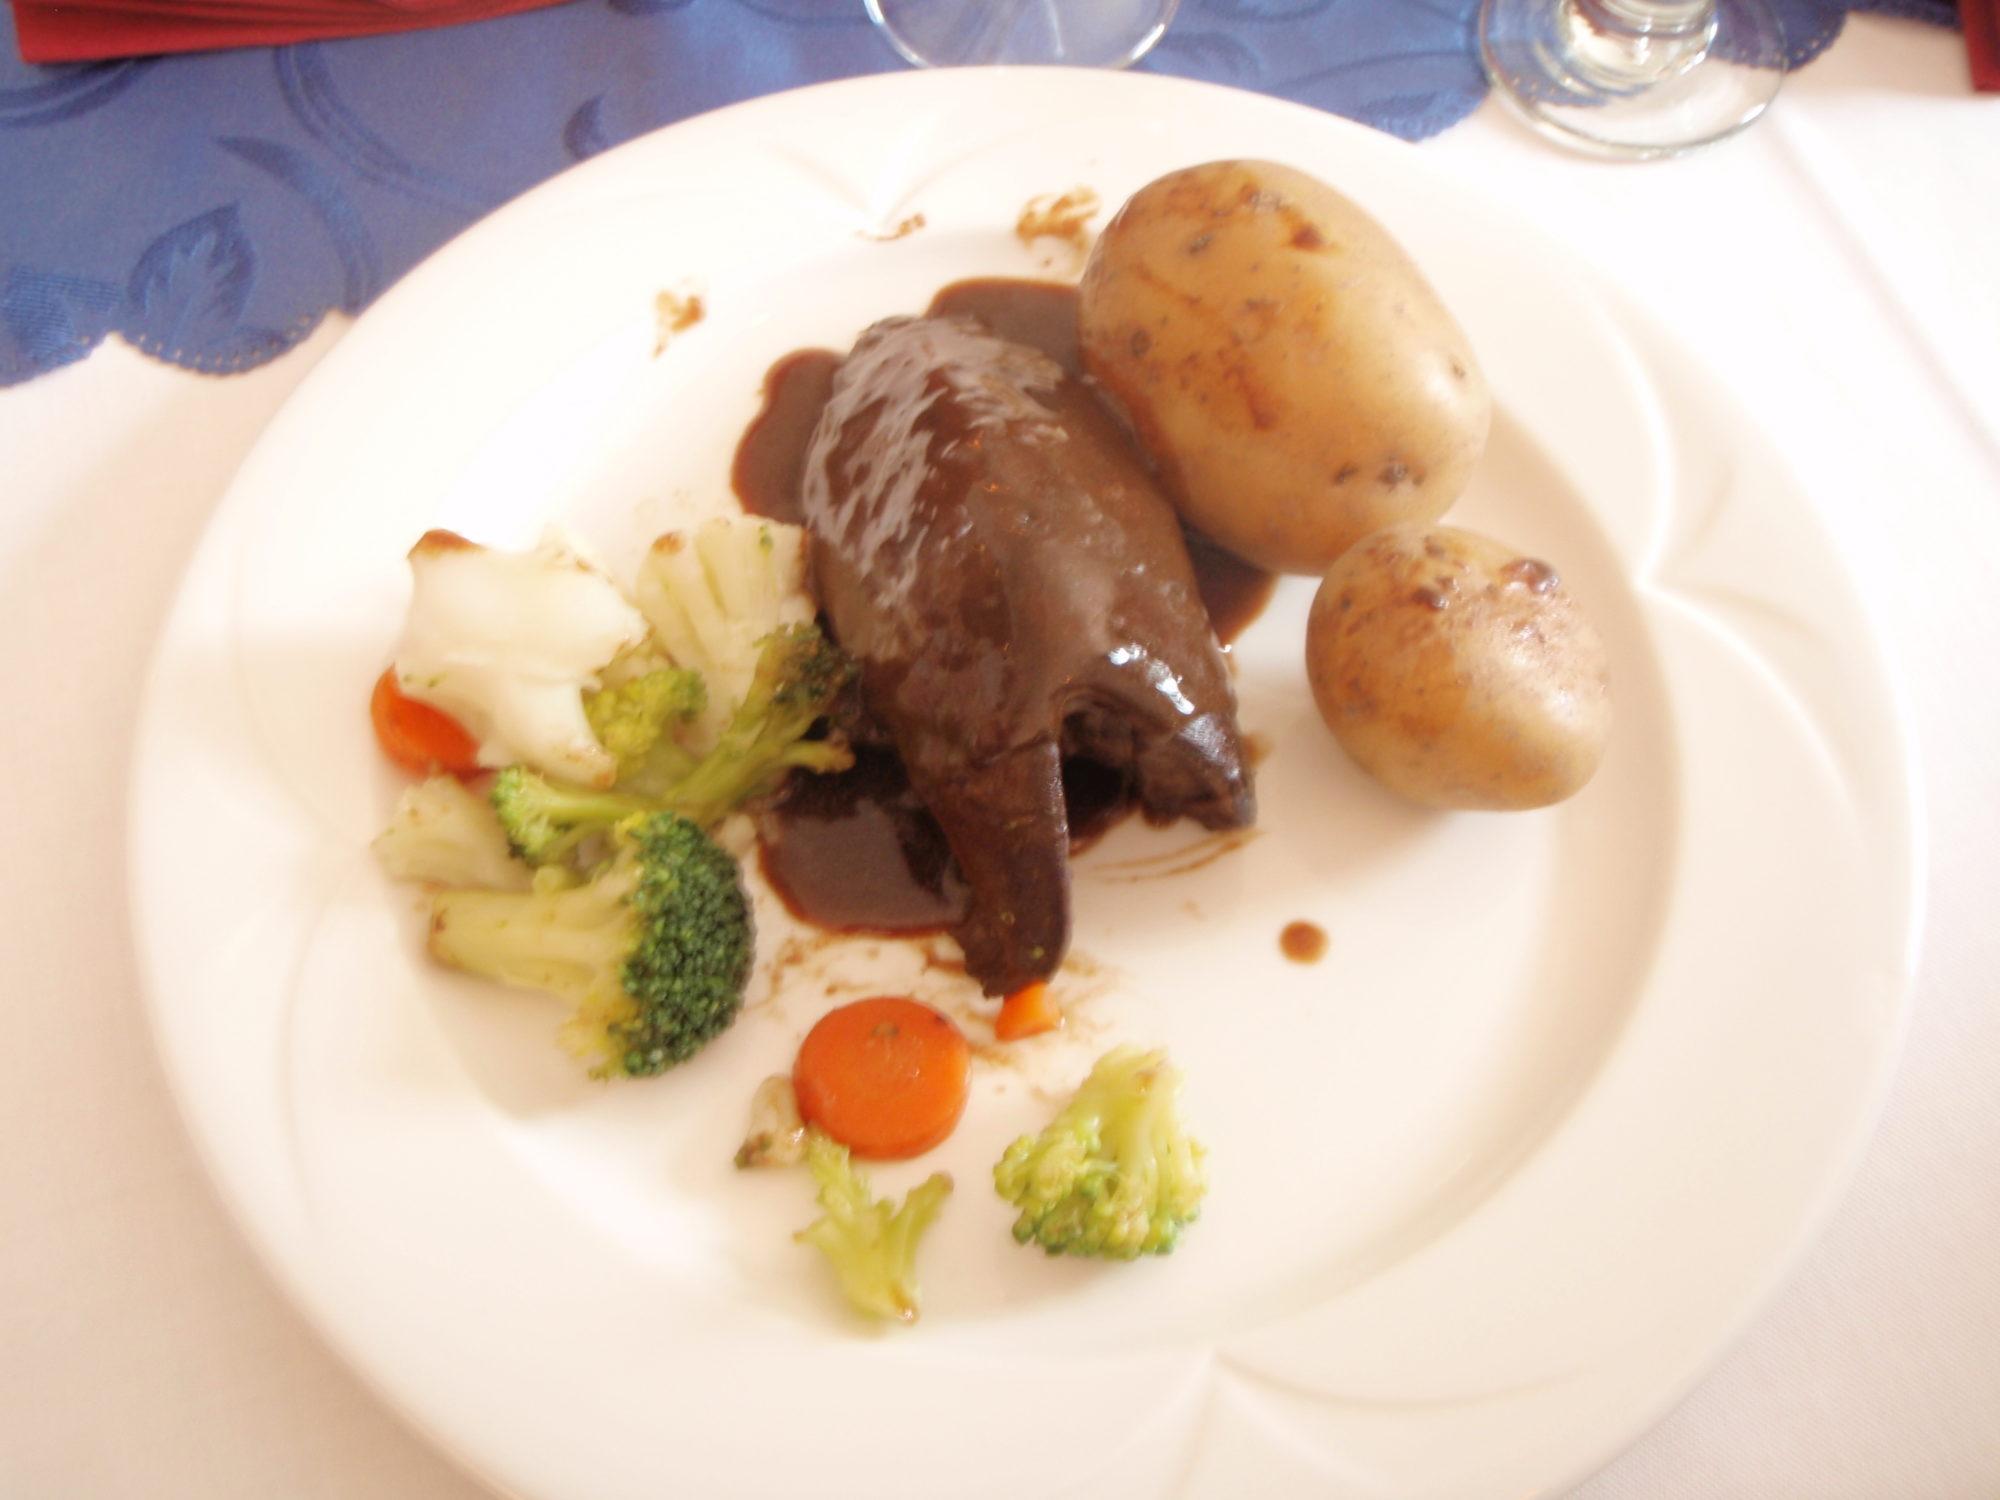 Kuchnia Wysp Owczych - Spik